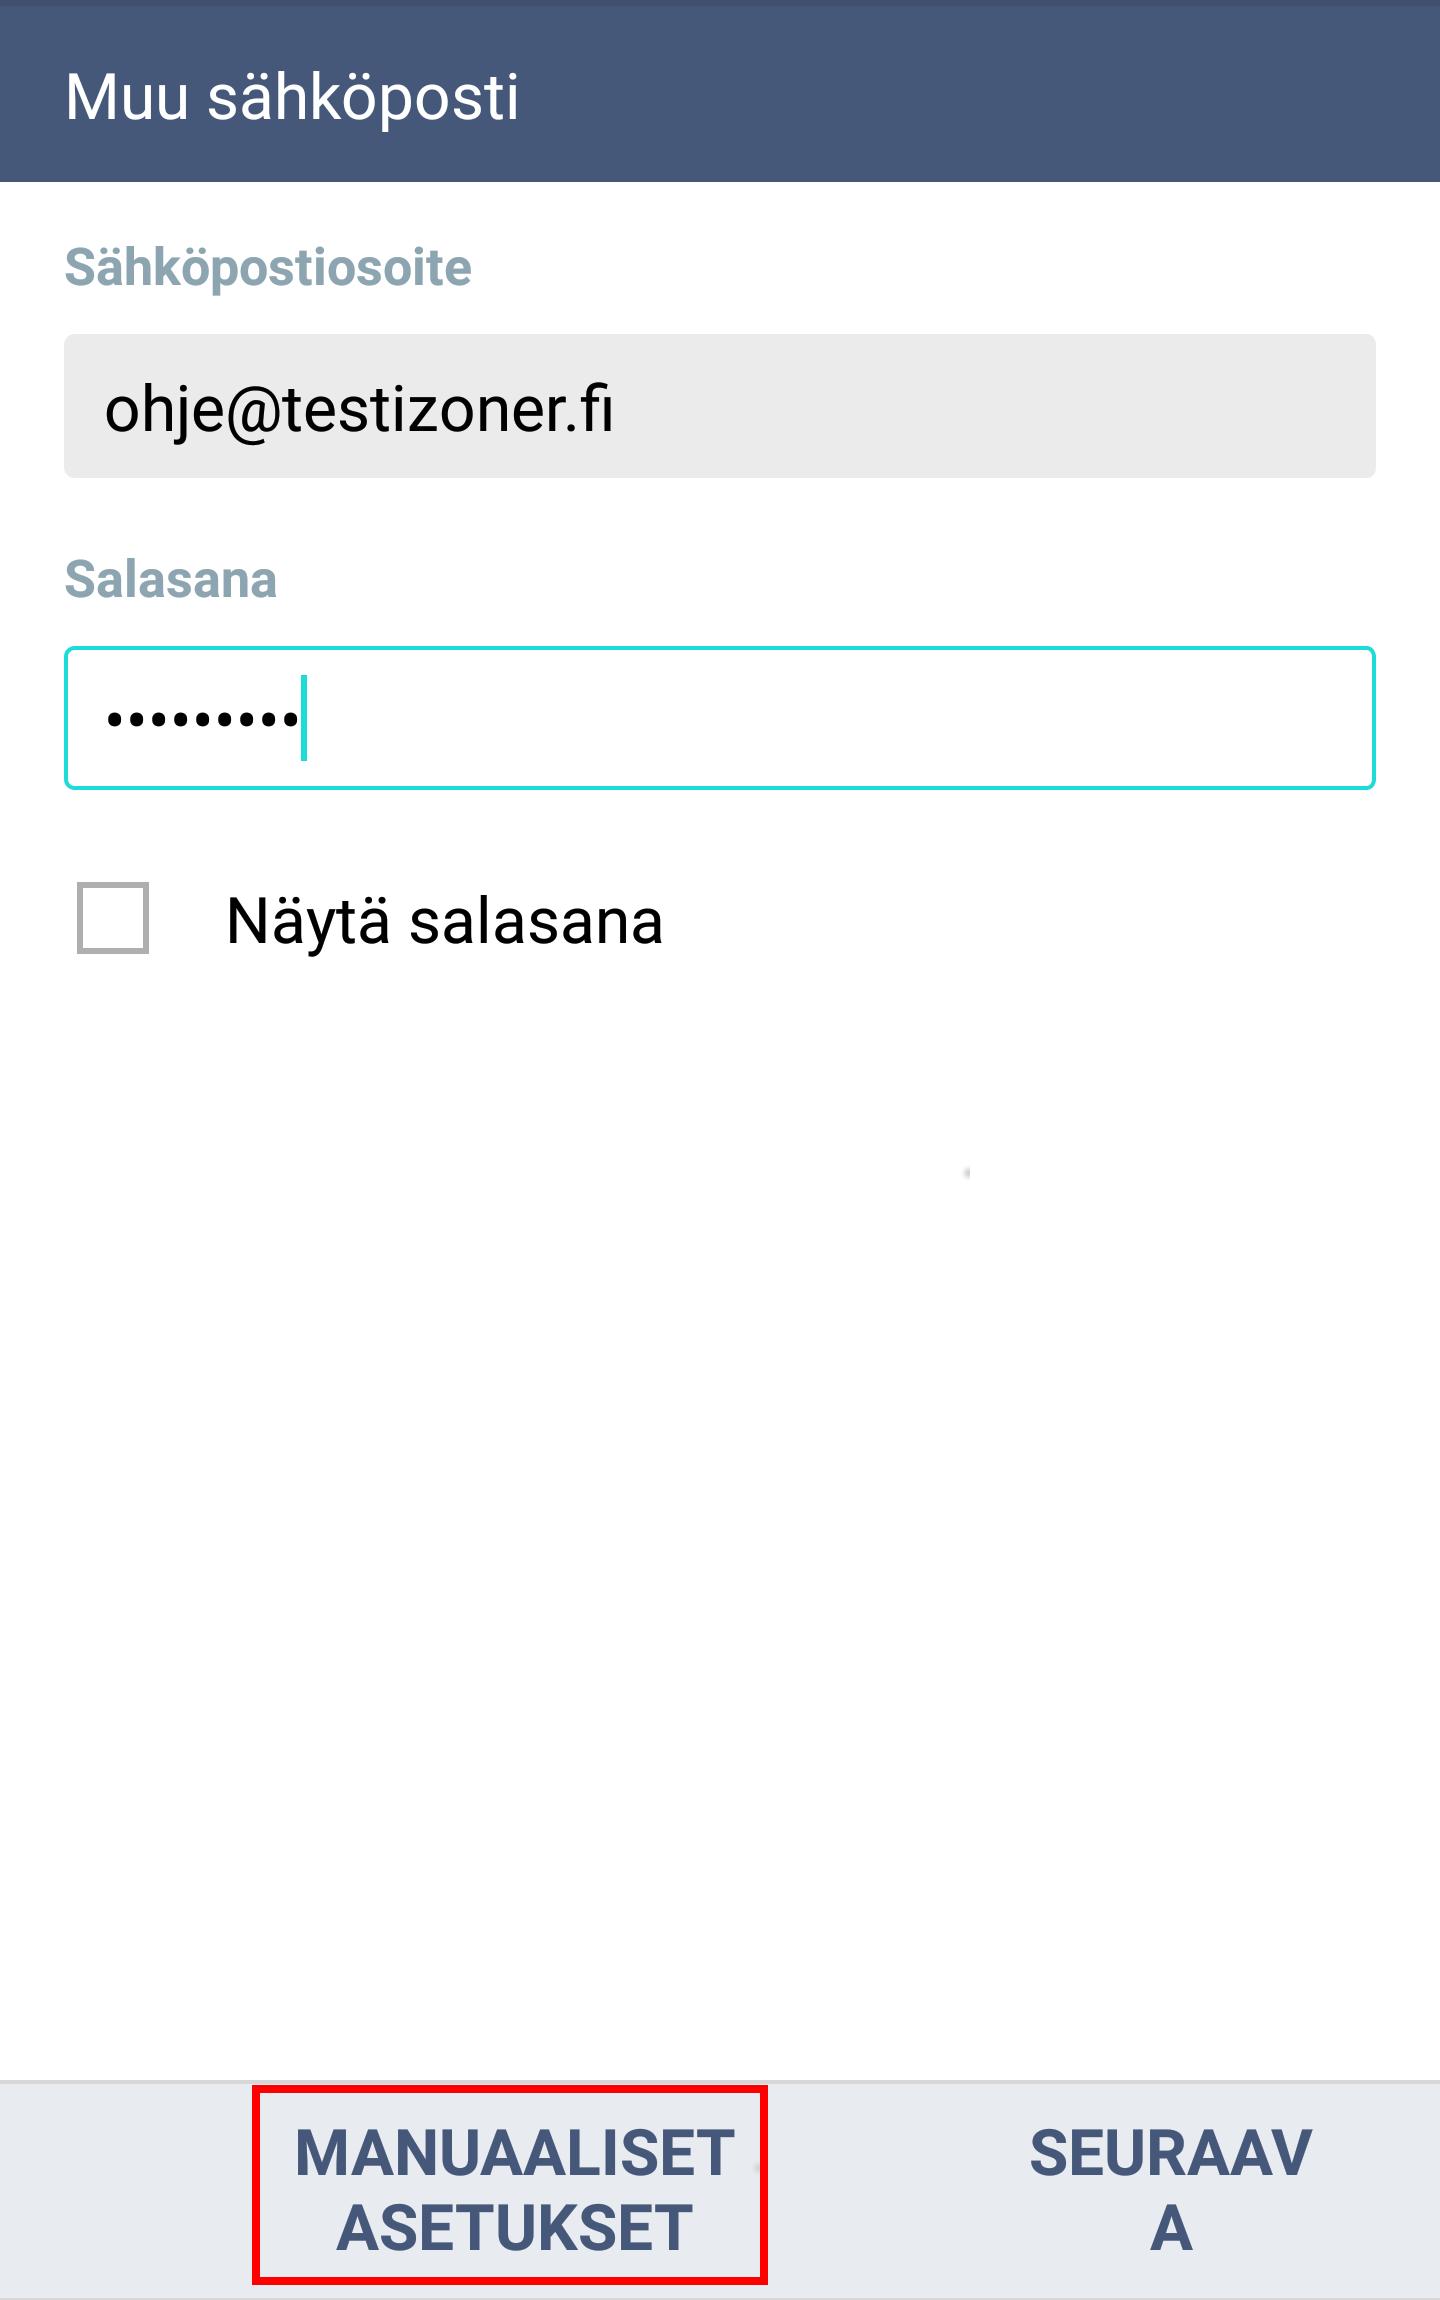 http://staticweb.zoner.fi/tuki/sahkoposti/android/kuva_5.jpg